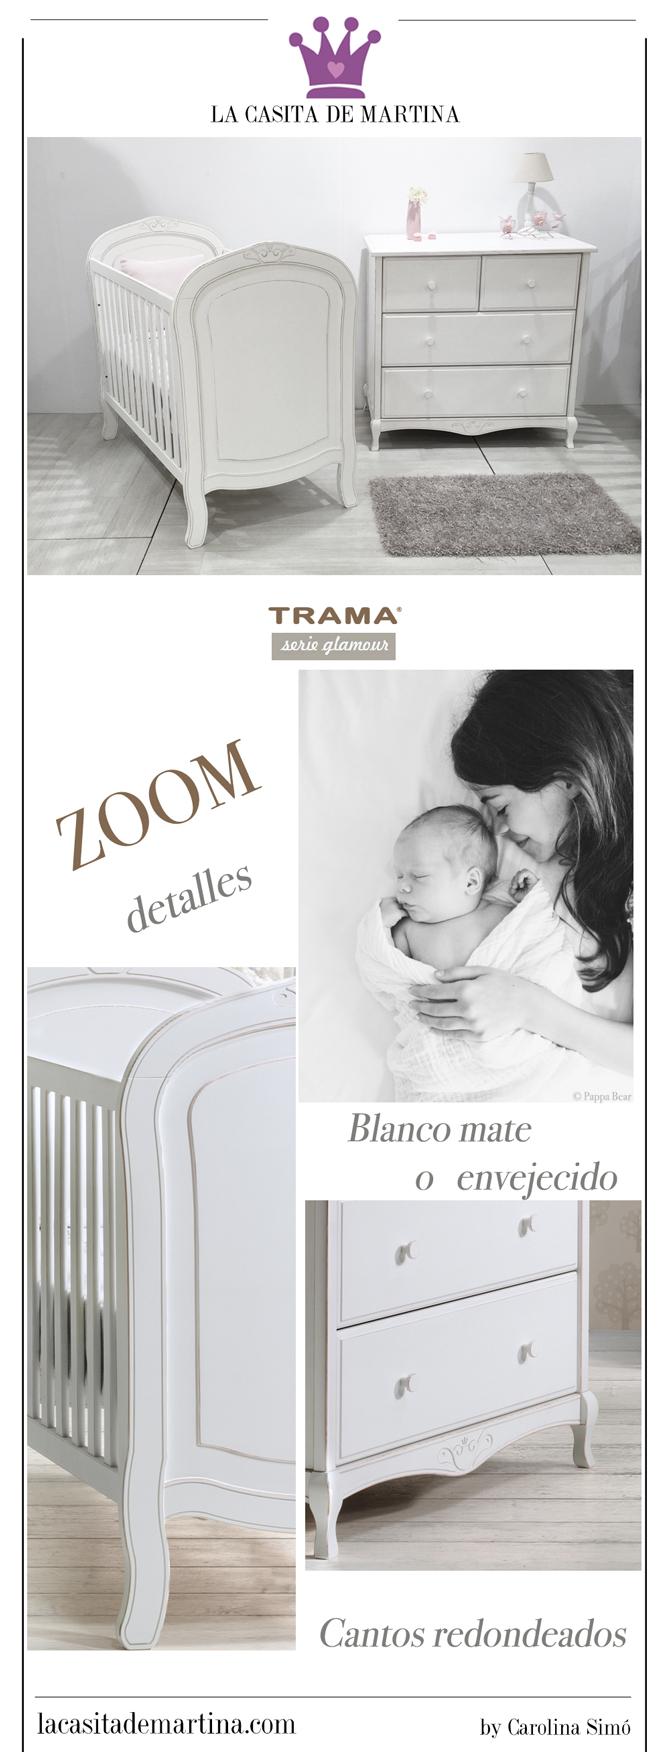 Cunas Trama, Habitaciones para bebes, Blog Maternidad, La casita de Martina, Carolina Simo